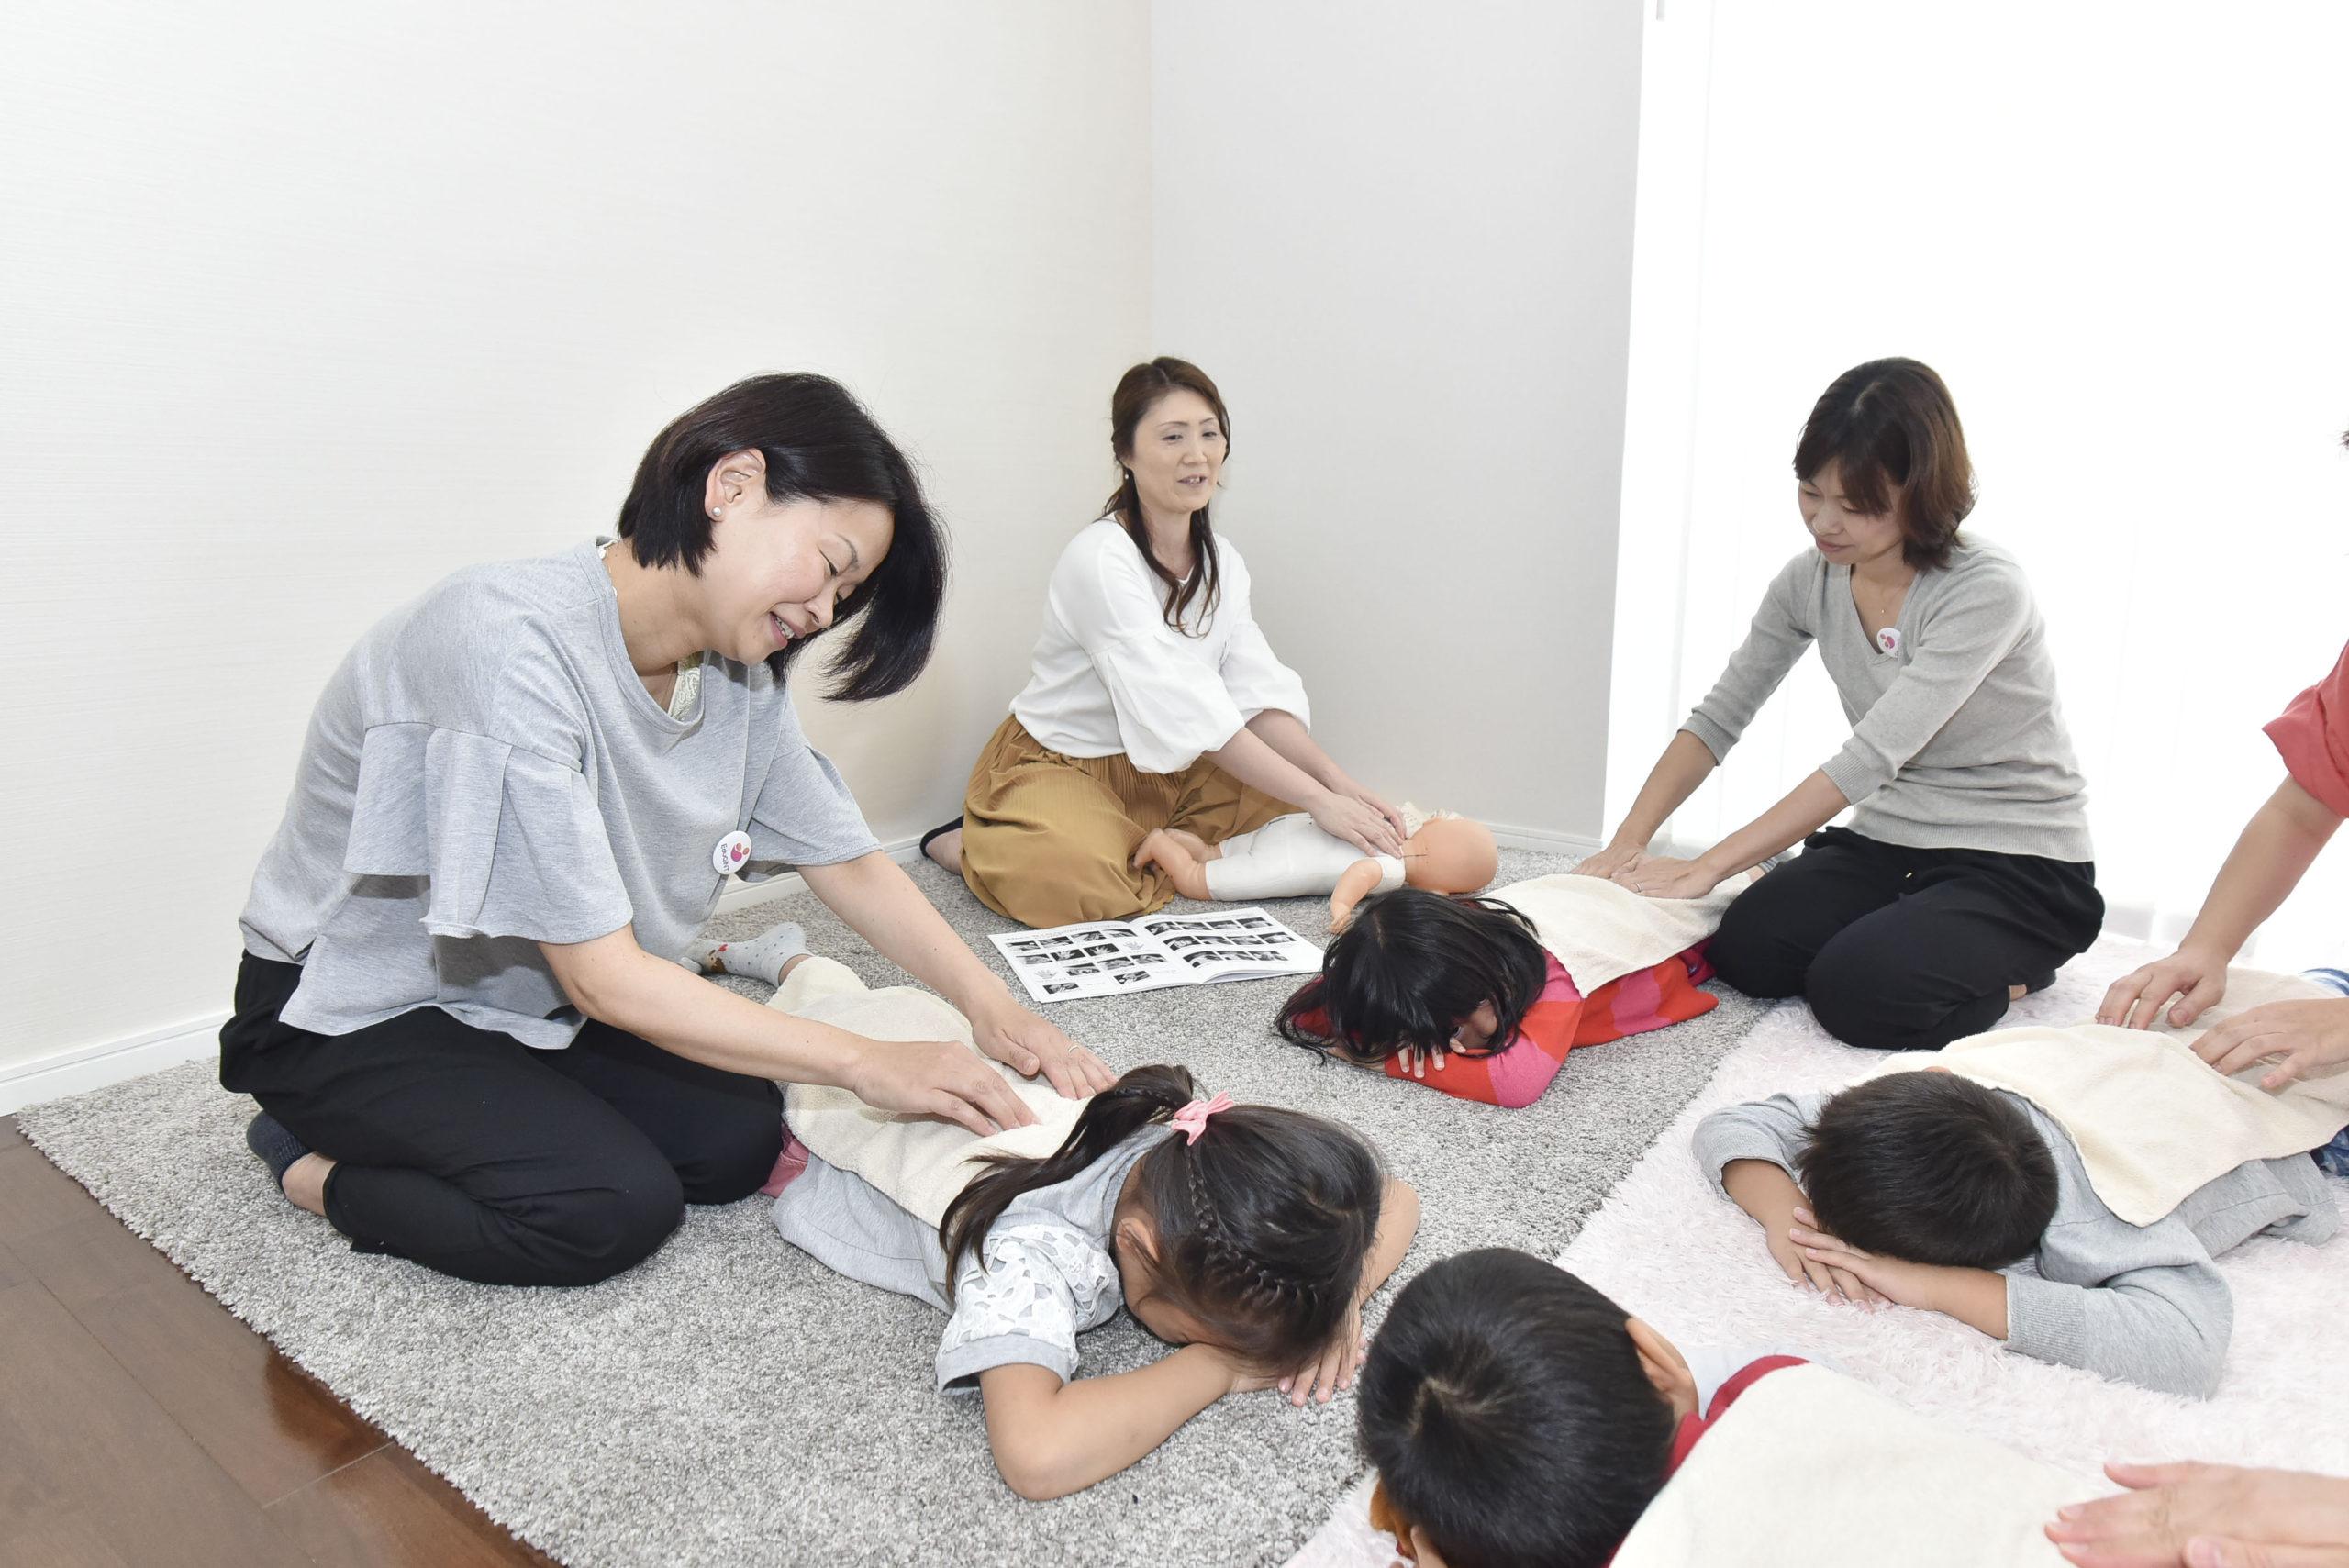 【特別料金は5月中で終了】EduQ親子マッサージ・オンライン体験会